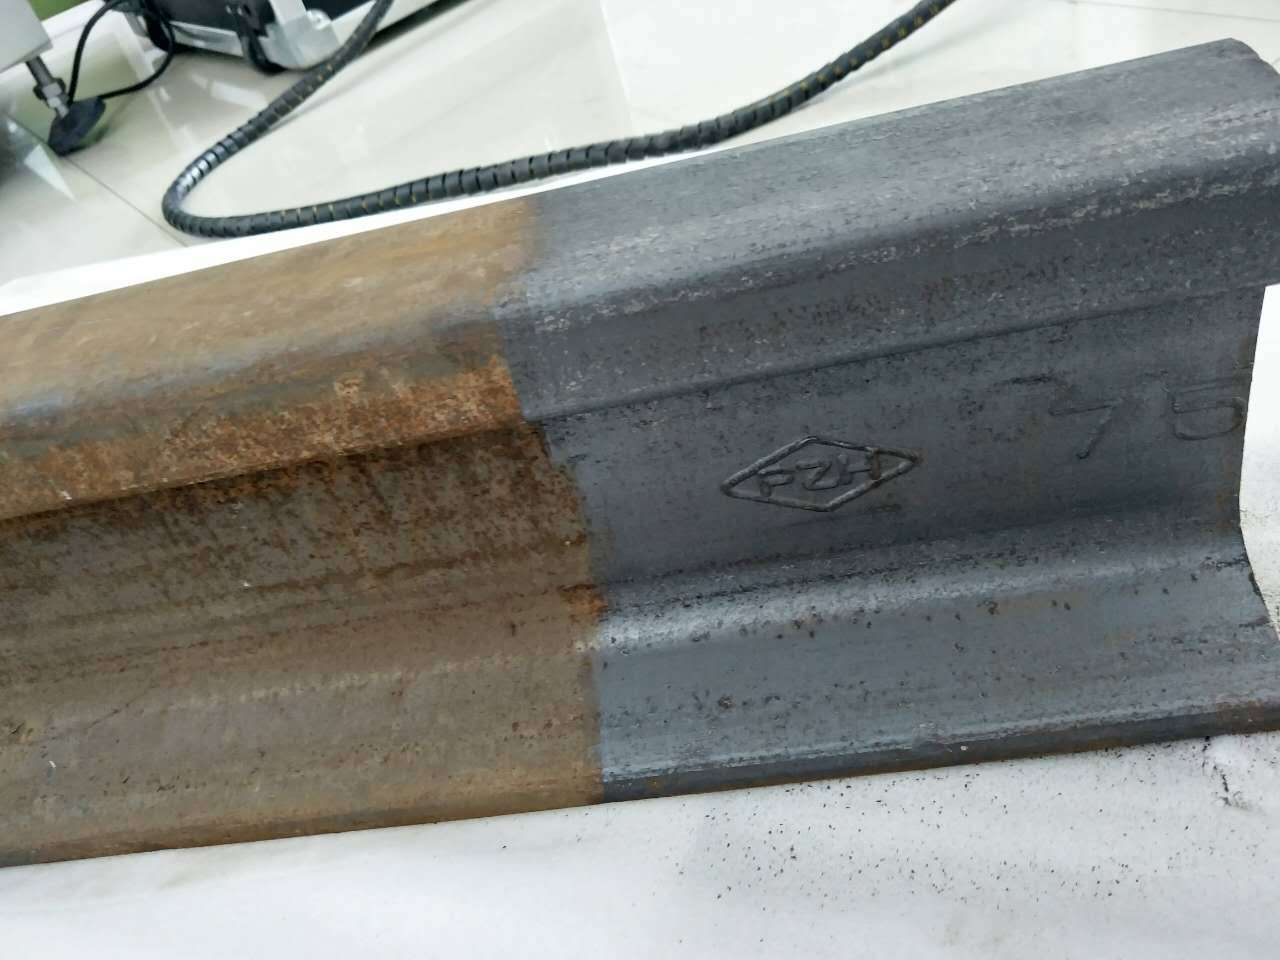 Очистка металла от ржавчины — всевозможные способы, средства и варианты – мои инструменты